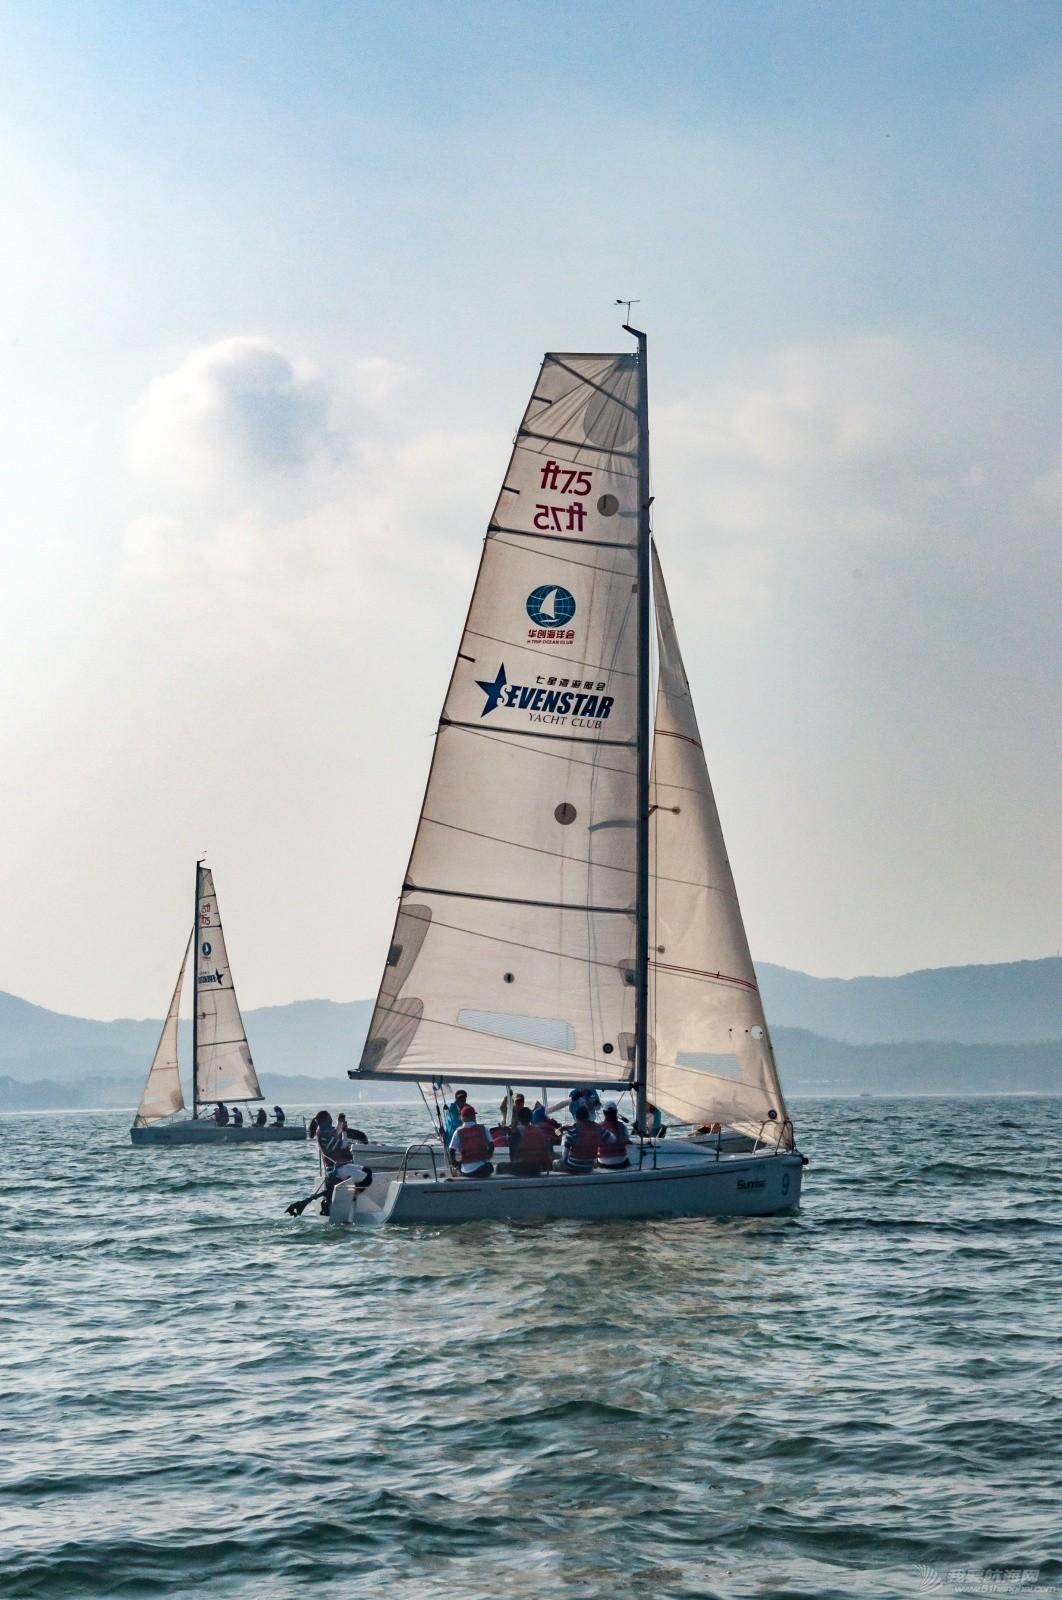 【2015大鹏杯帆船赛】51航海网船队在比赛中 s010.jpg